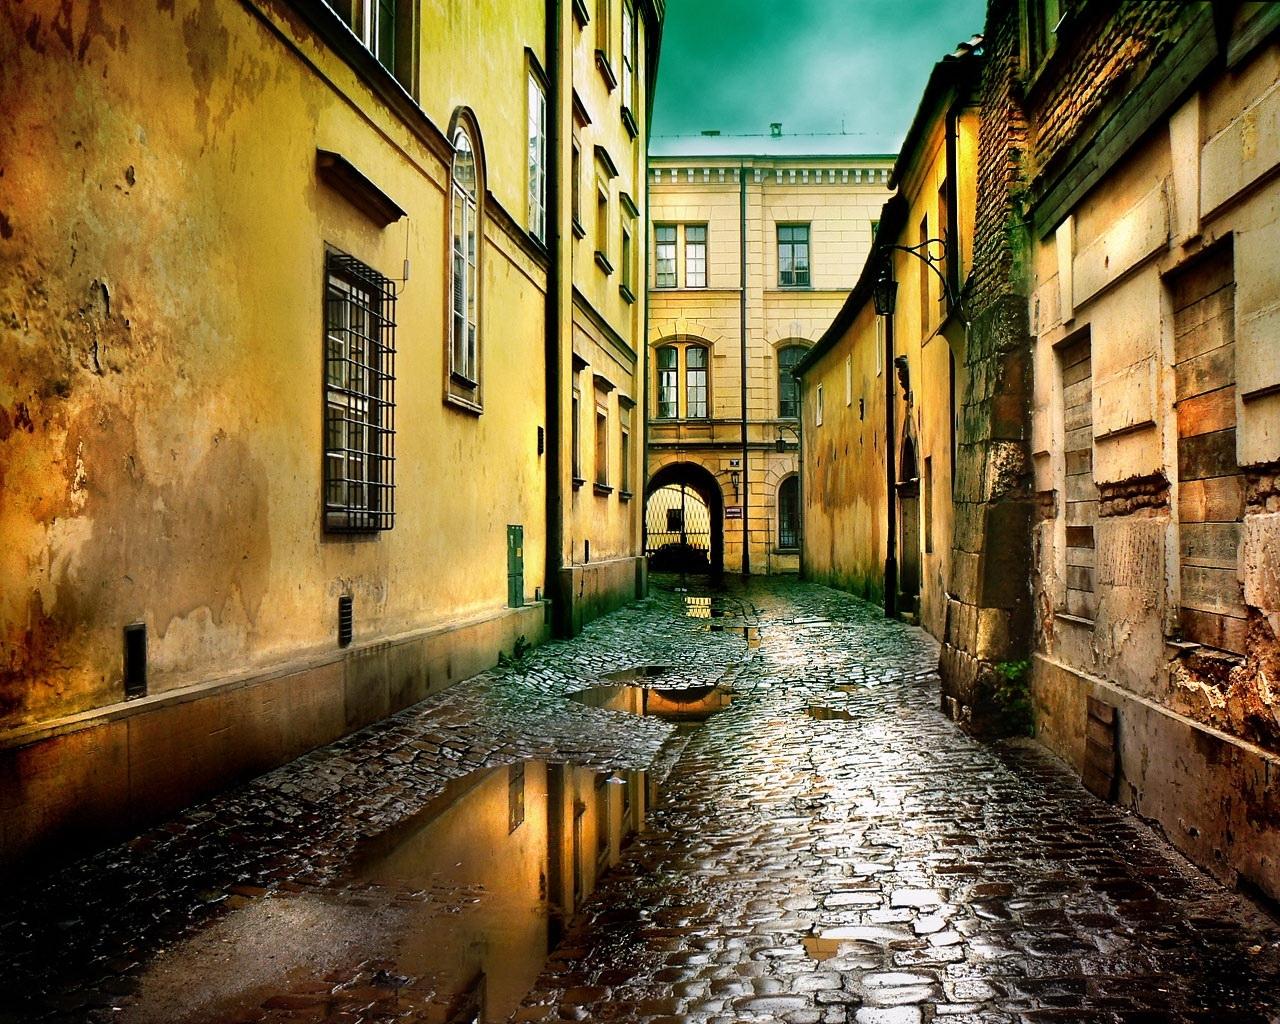 133 Hintergrundbild herunterladen Städte, Häuser, Streets, Architektur - Bildschirmschoner und Bilder kostenlos